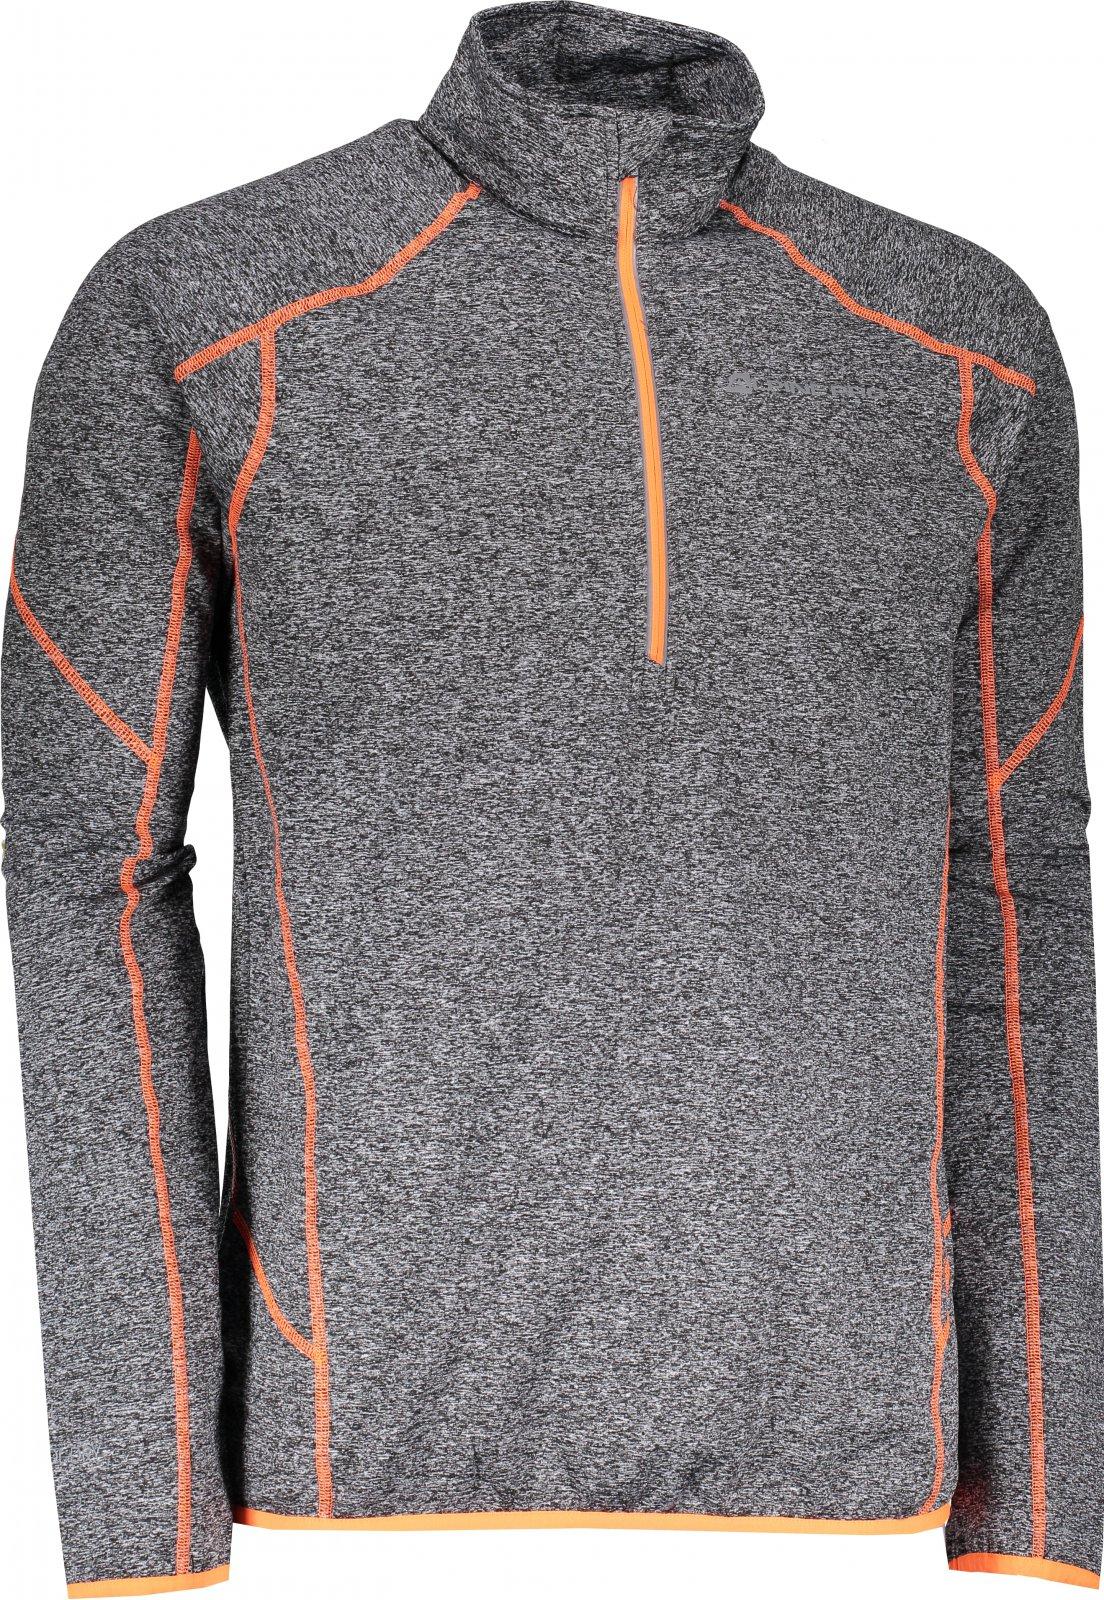 Alpine Pro Katos 3 světle šedá od 559 Kč • Zboží.cz 463f994a3ca